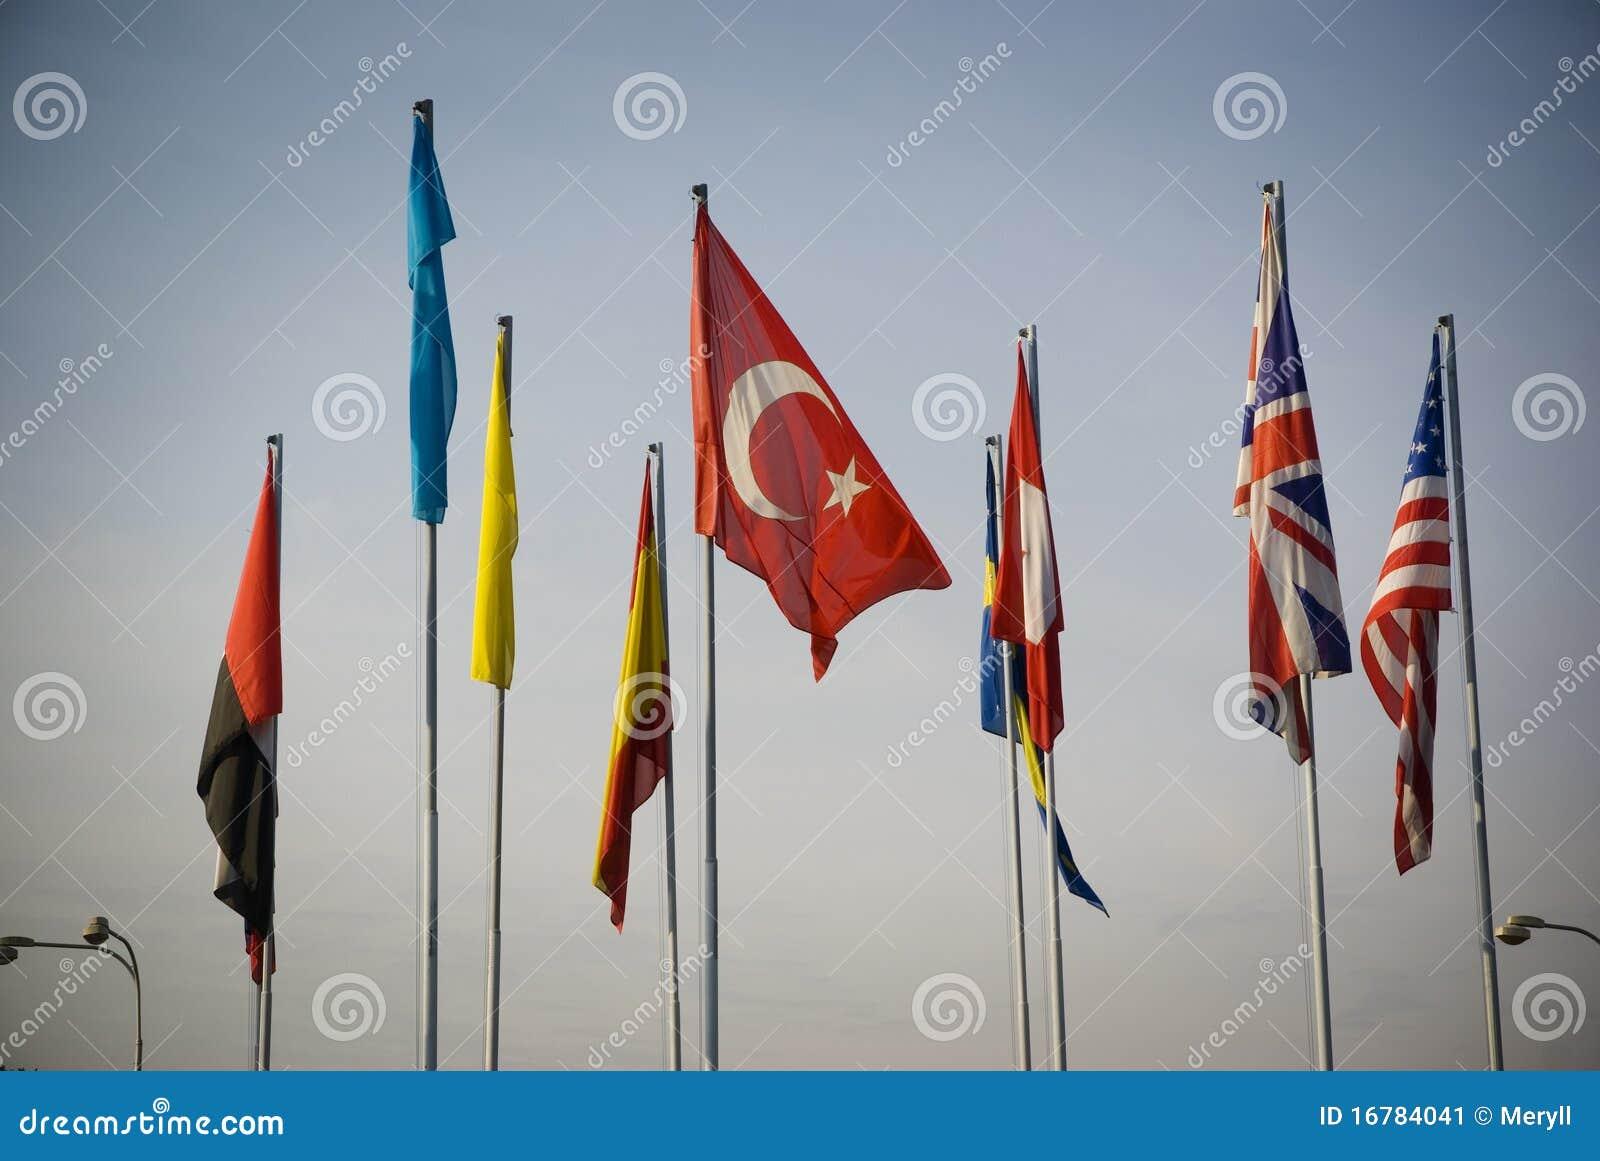 Flaga zaznacza międzynarodowego indyka